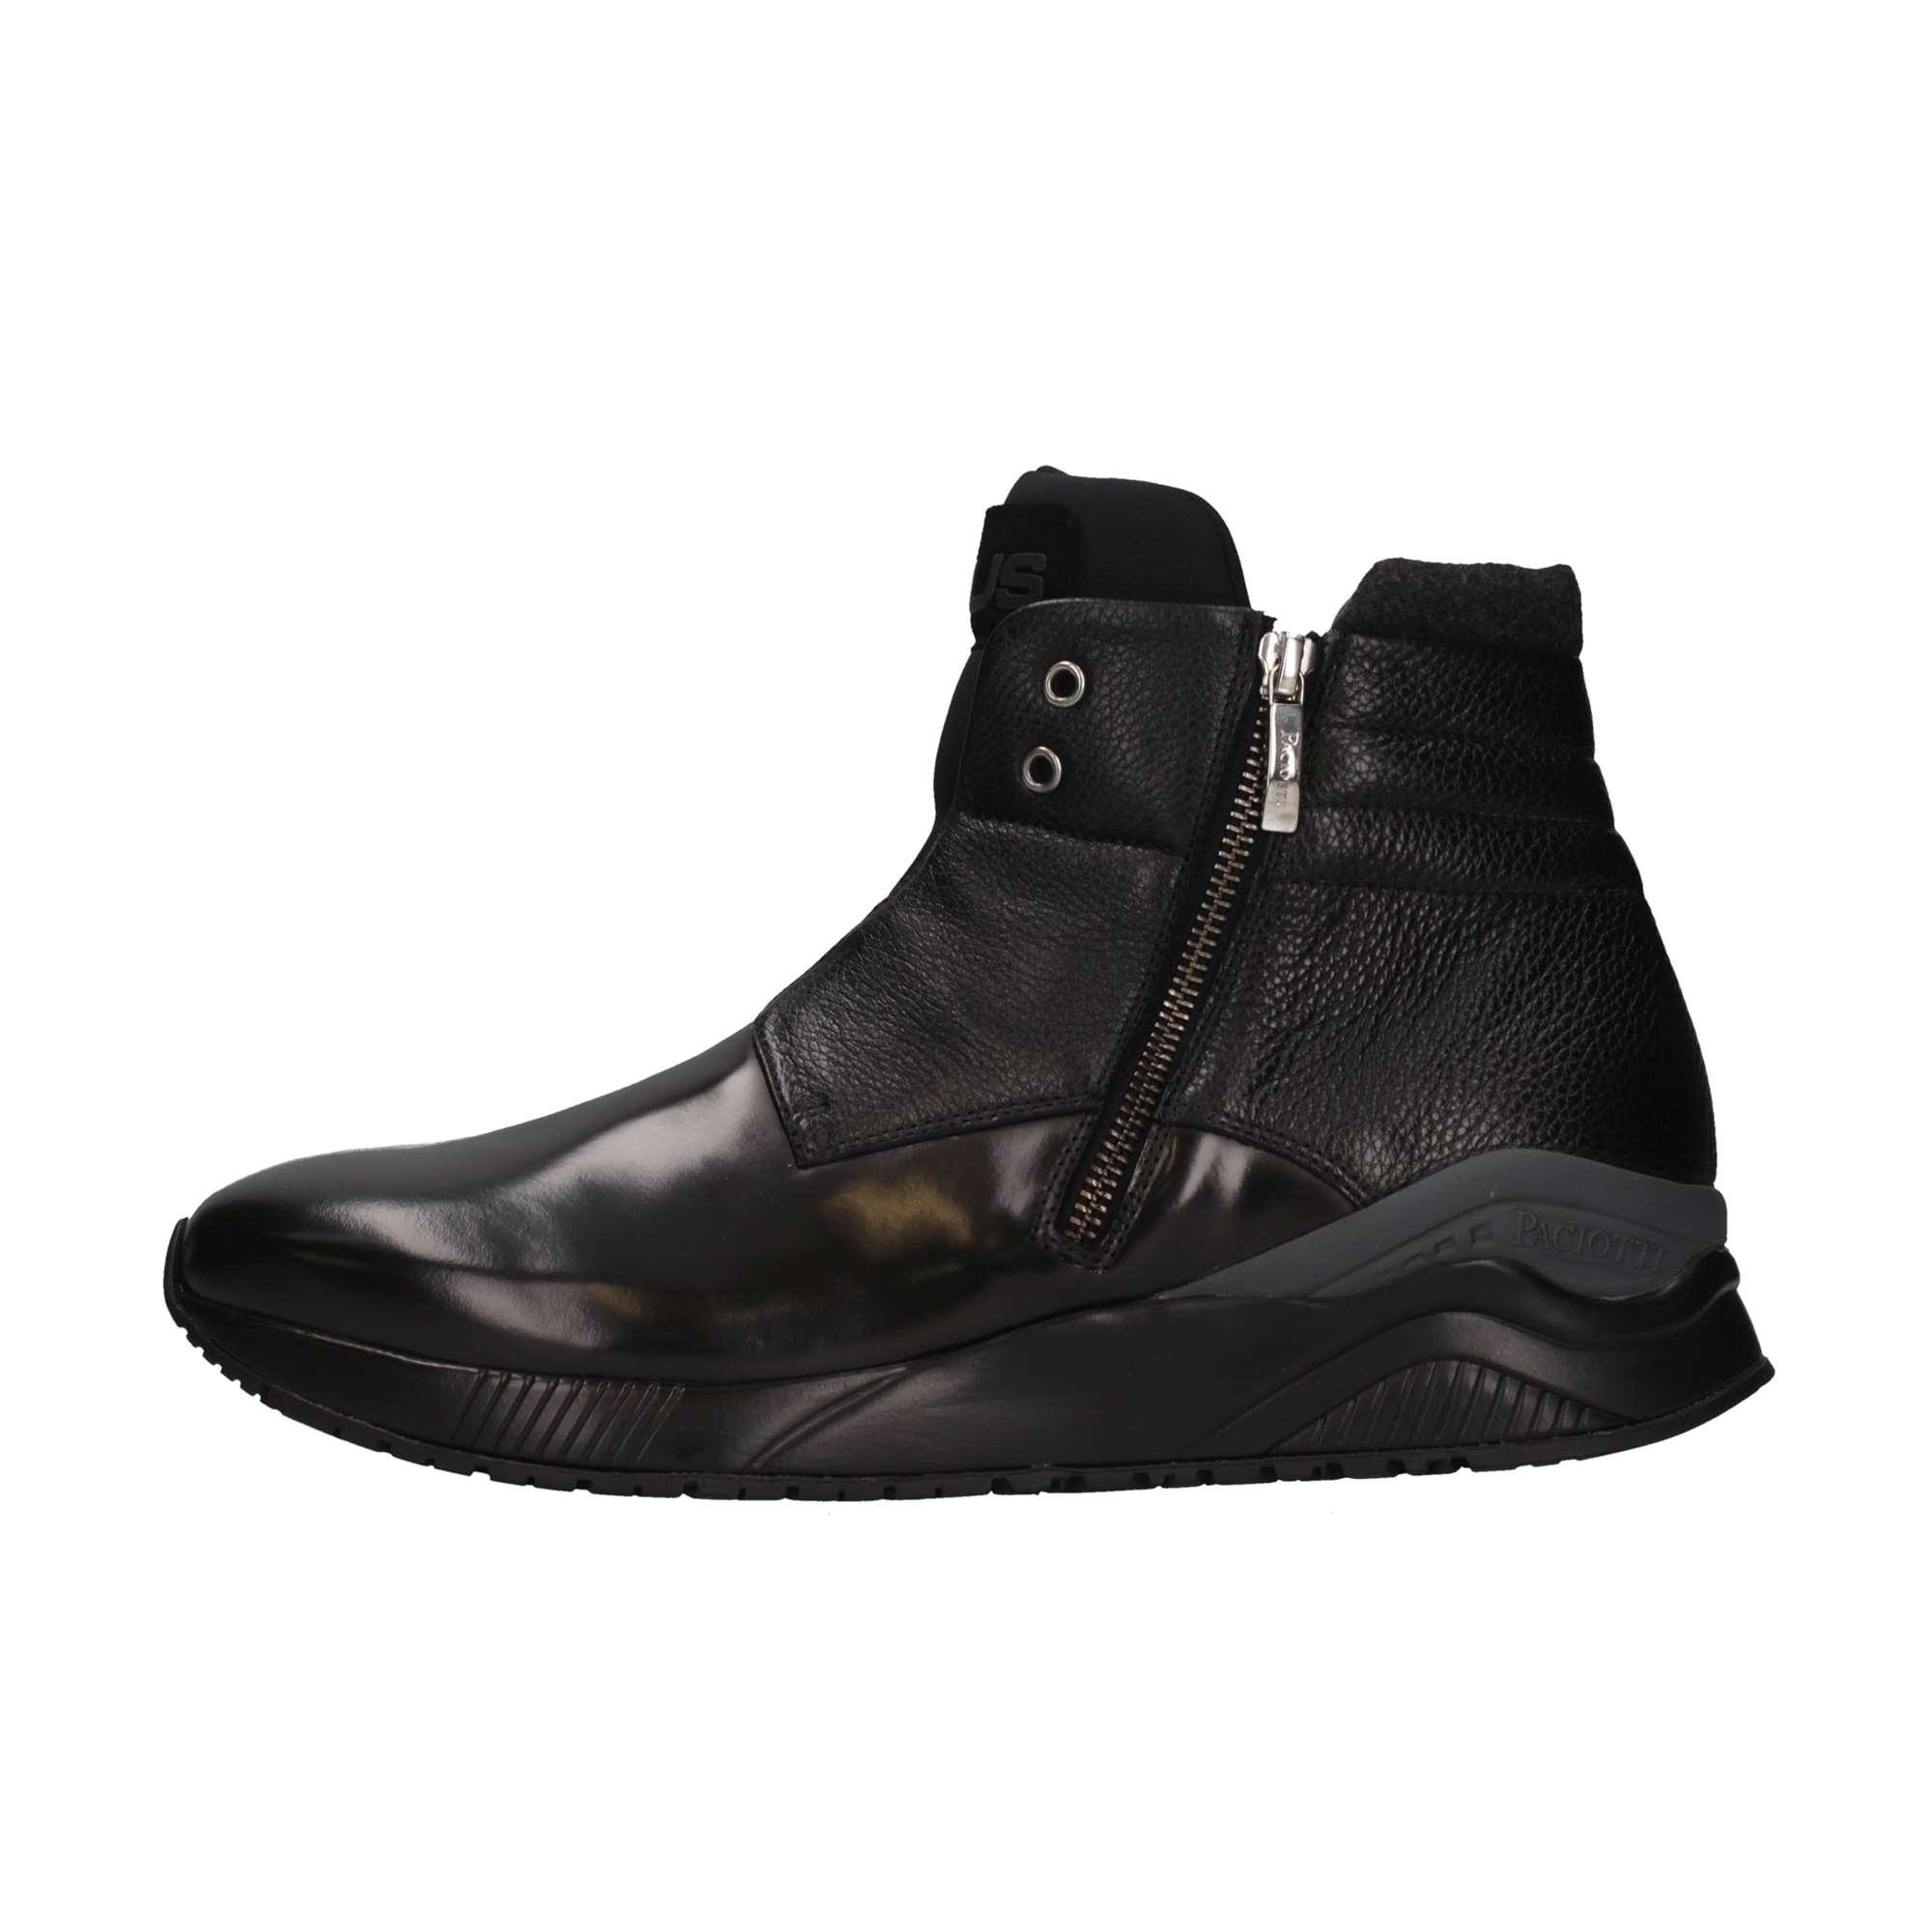 Acquista scarpe paciotti - OFF72% sconti faa41c64520